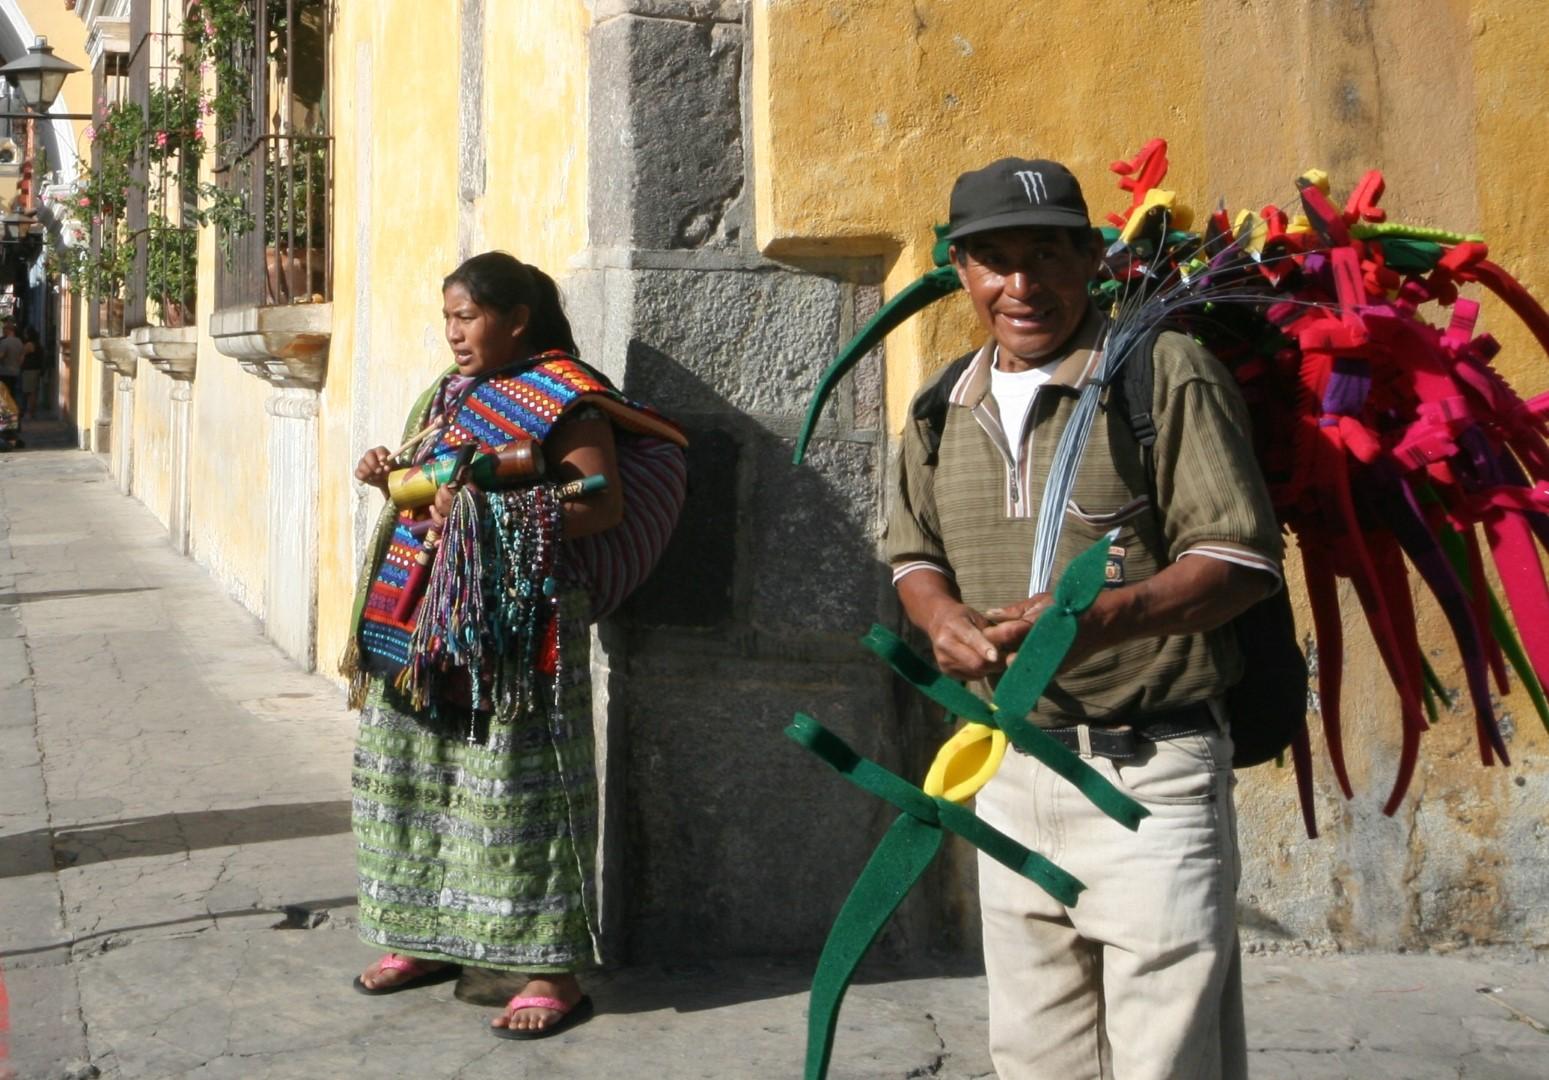 Street hawkers in Antigua, Guatemala